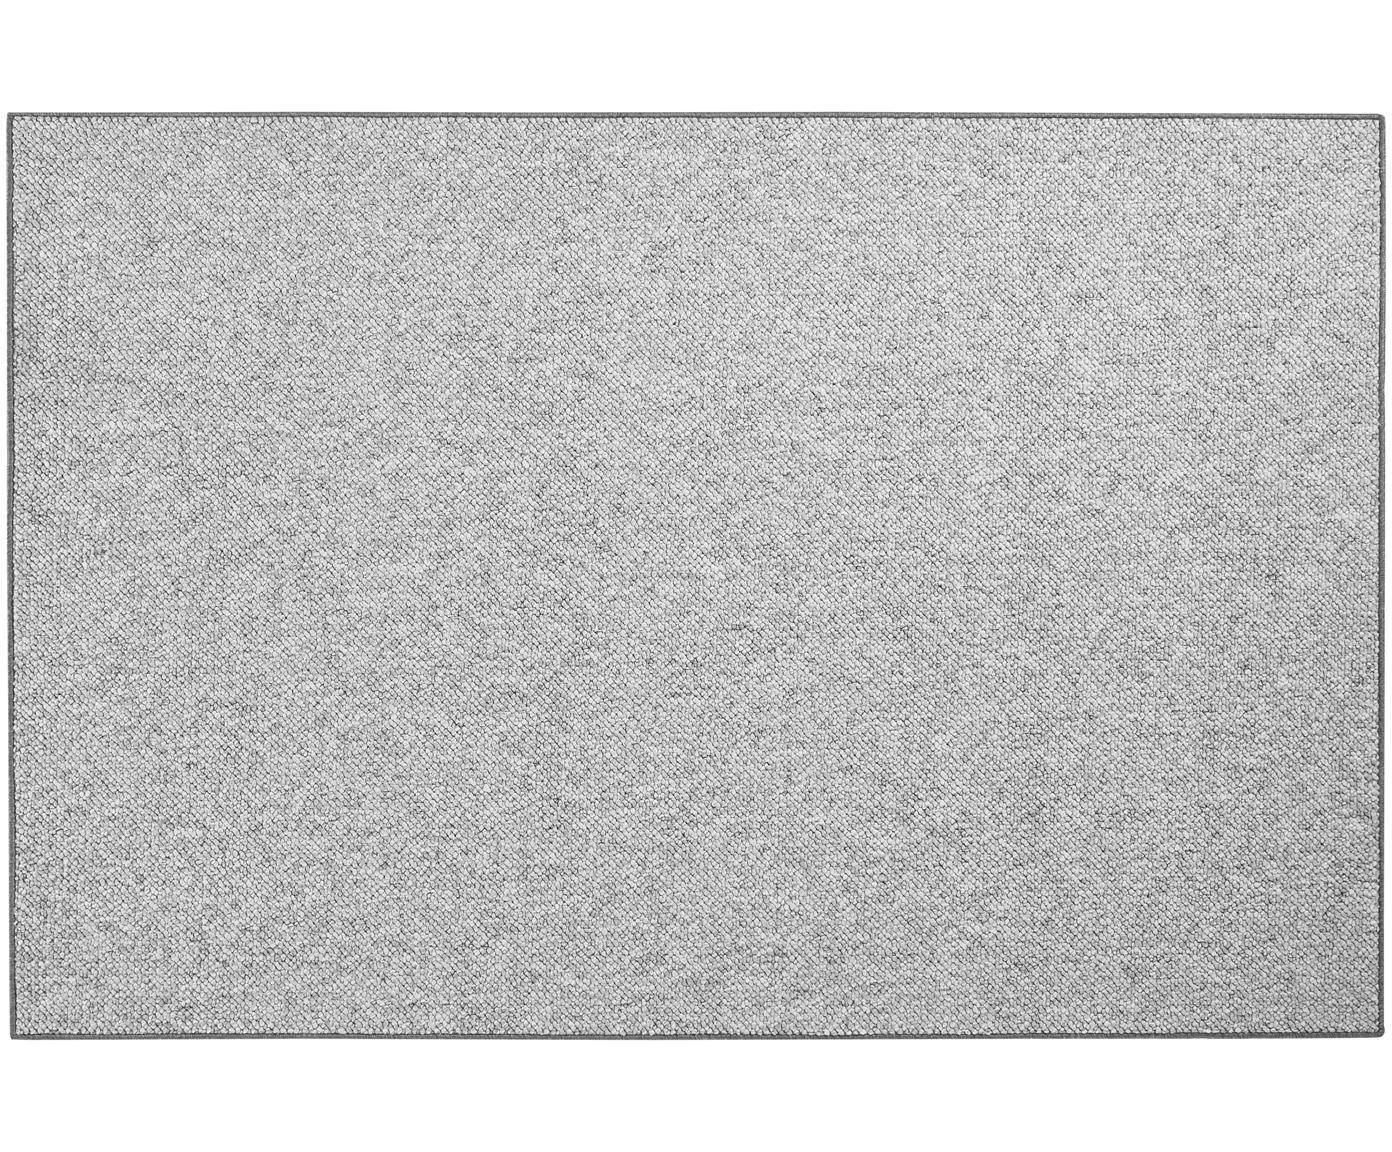 Dywan z widoczną strukturą Lyon, Szary, melanżowy, S 100 x D 140 cm (Rozmiar XS)